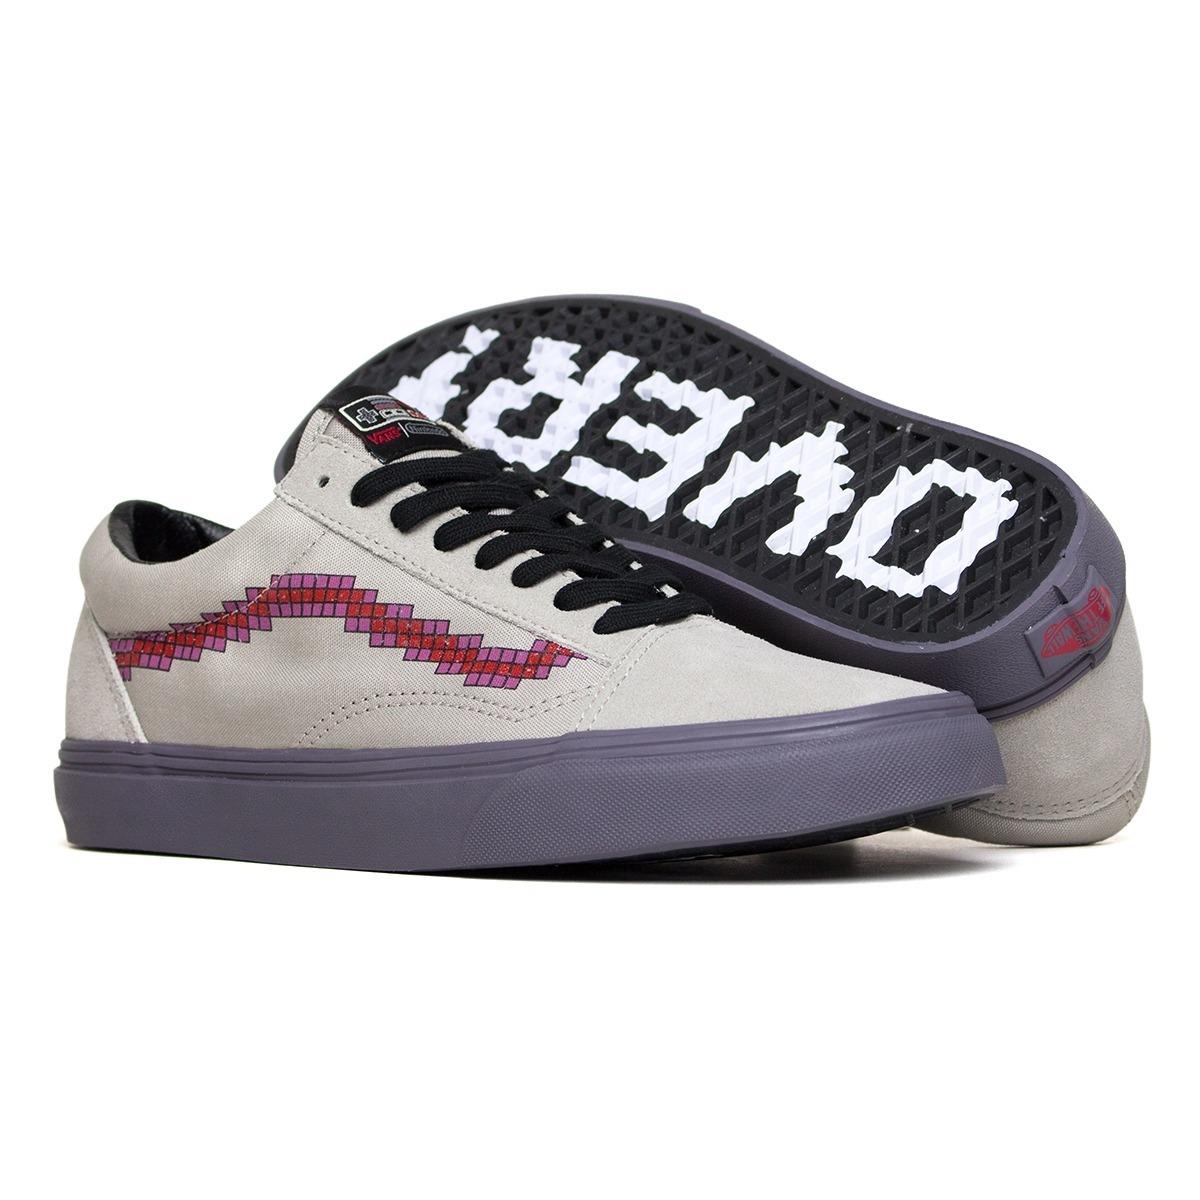 af2299c3ac2dac tenis vans old skool edição especial nintendo skate. Carregando zoom.